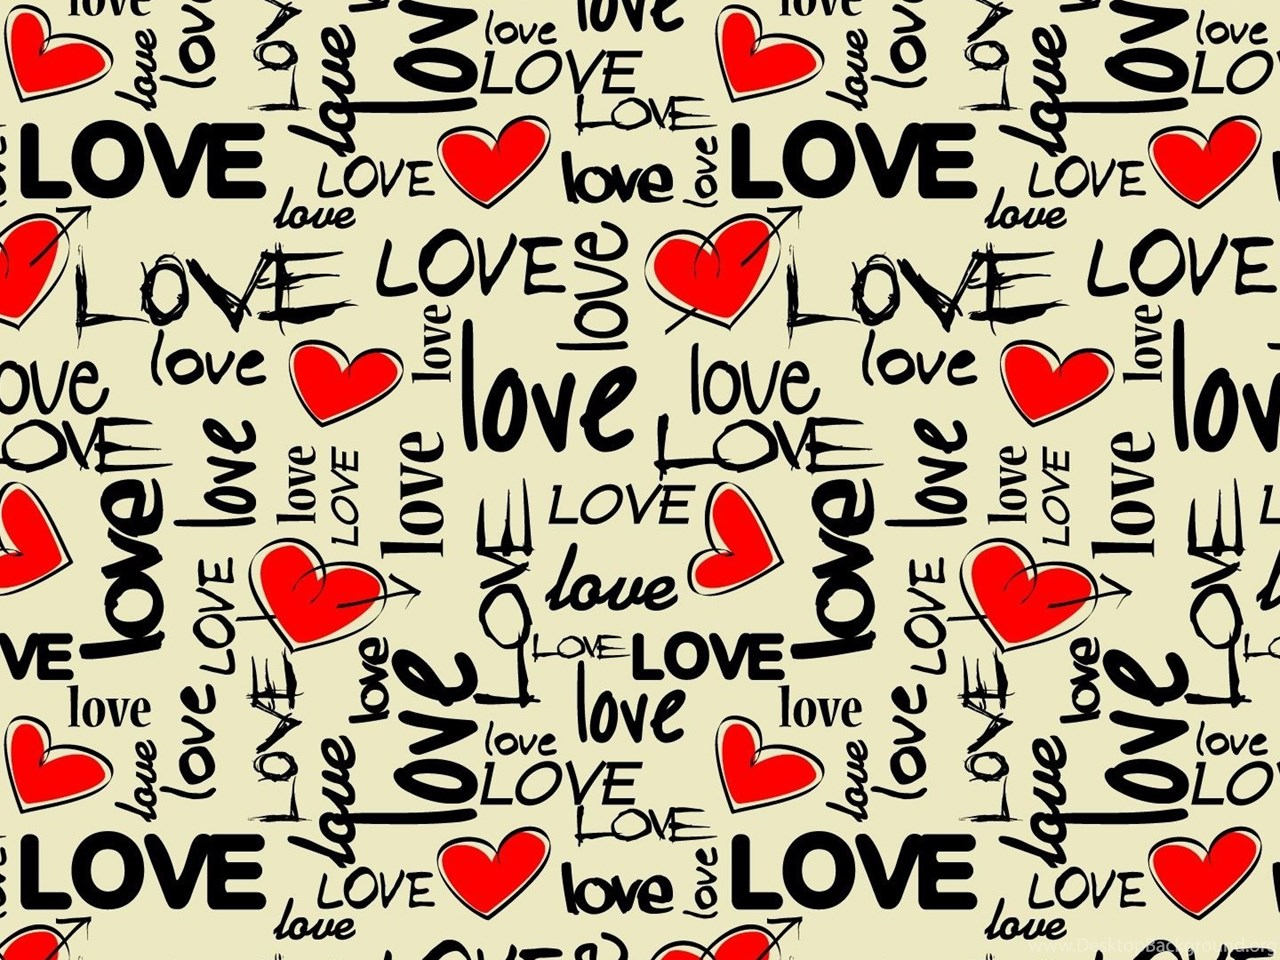 4k Ultra Hd Love Wallpapers Hd Desktop Backgrounds 3840x2160